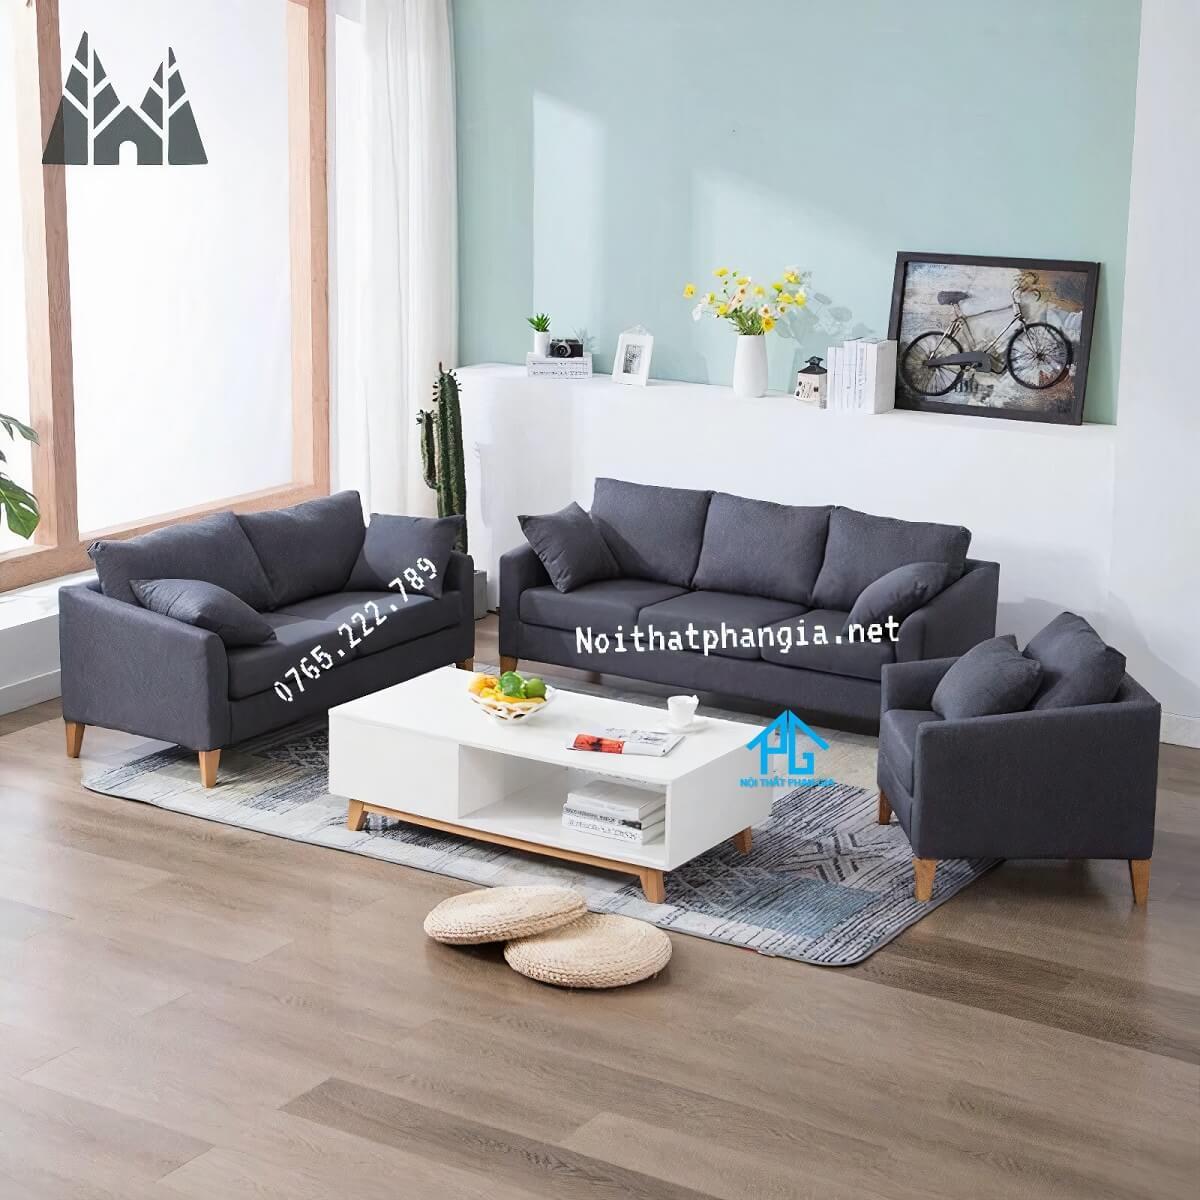 sofa vải nỉ giá rẻ hcm